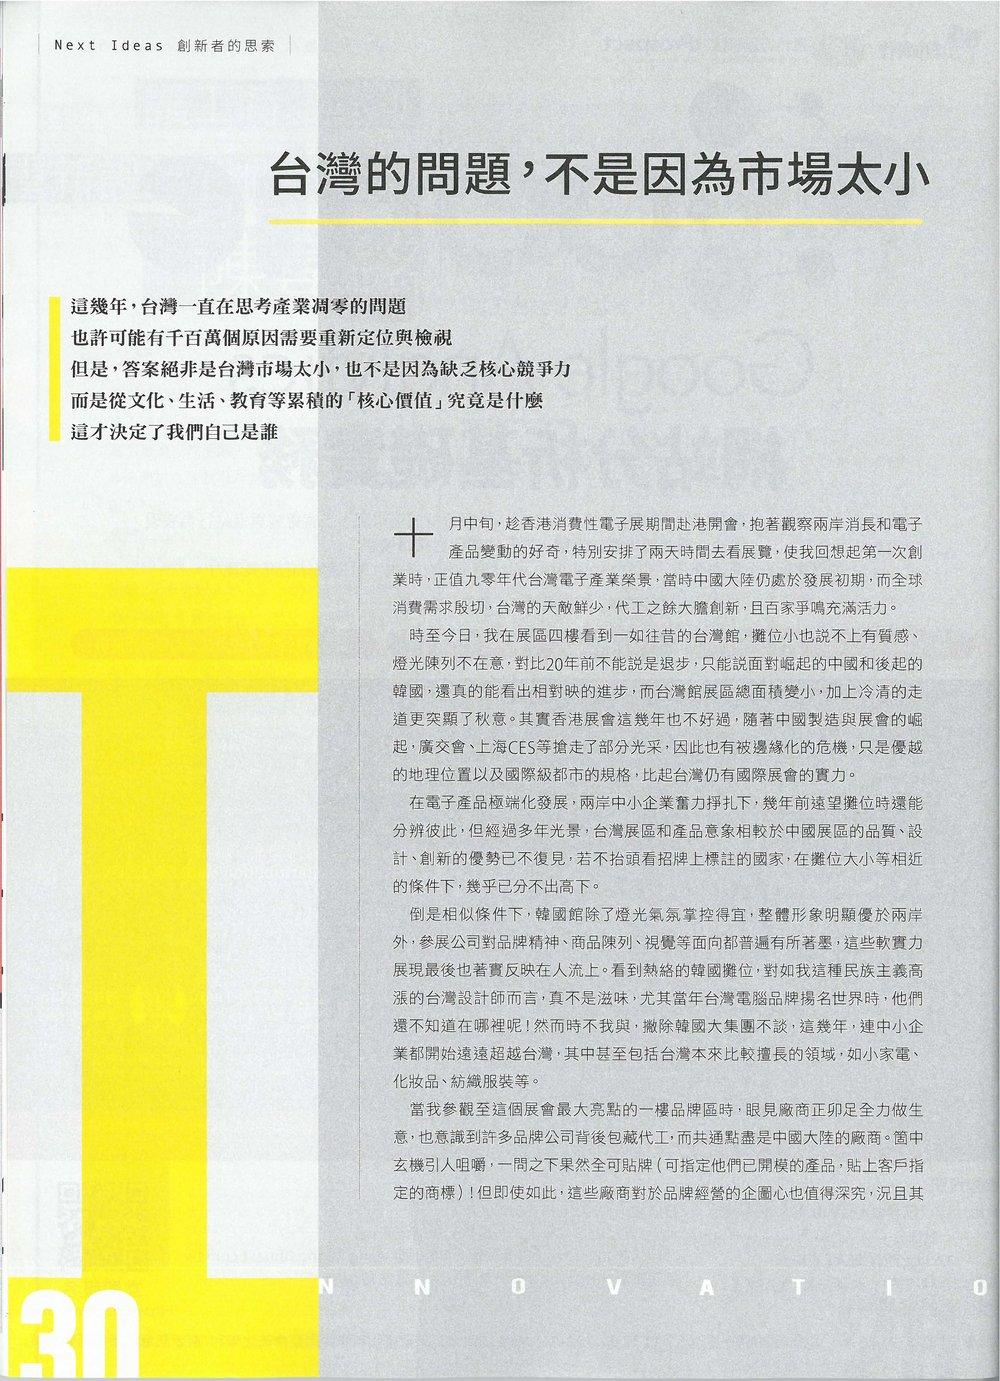 2016年11月_台灣的問題,不是因為市場太小_數位時代_頁面_2.jpg